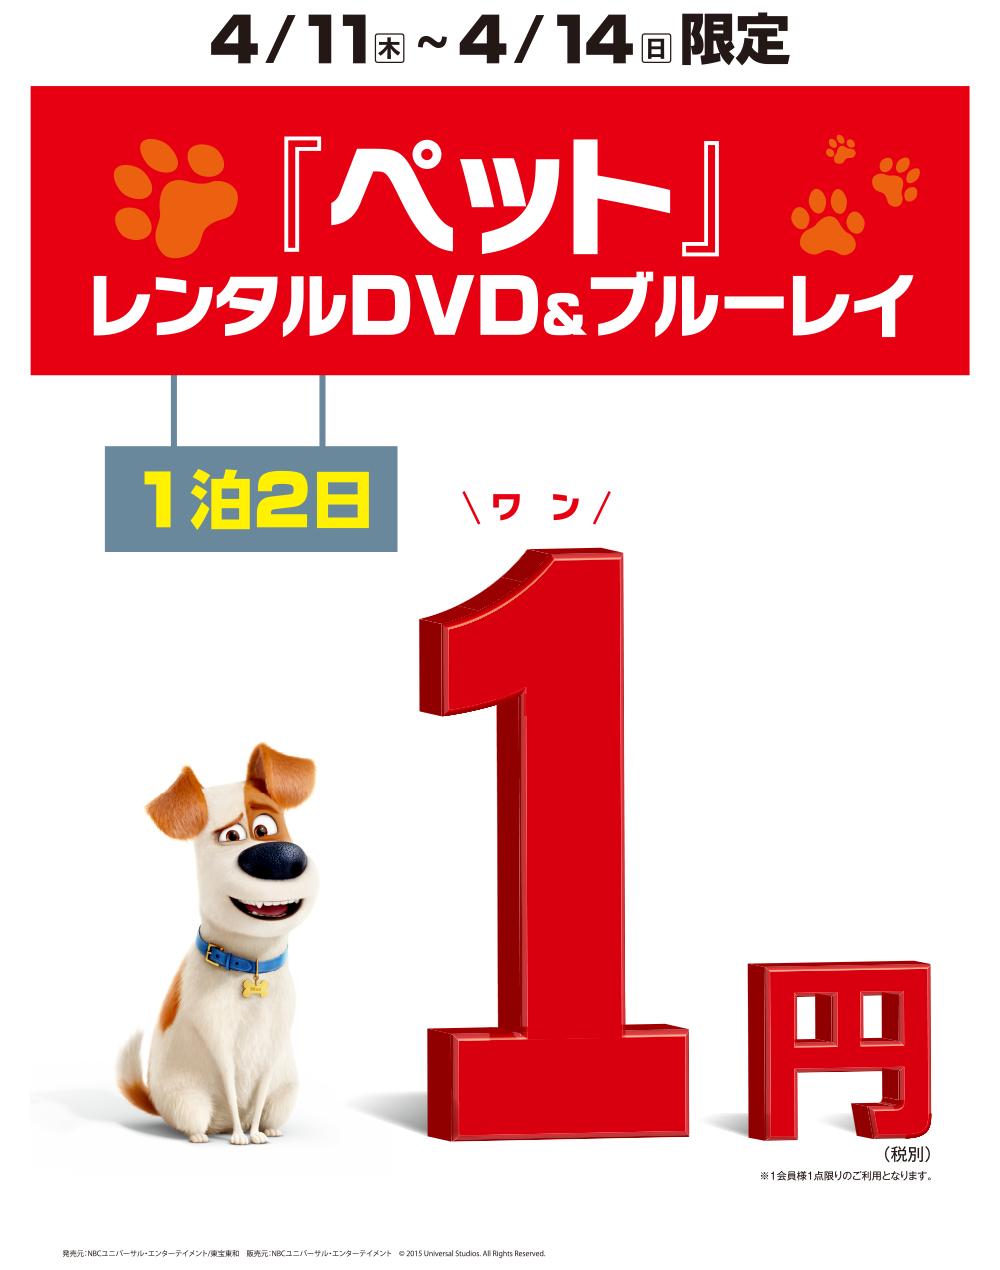 GEOで映画「ペット」のレンタルが1円。4/11~4/14。